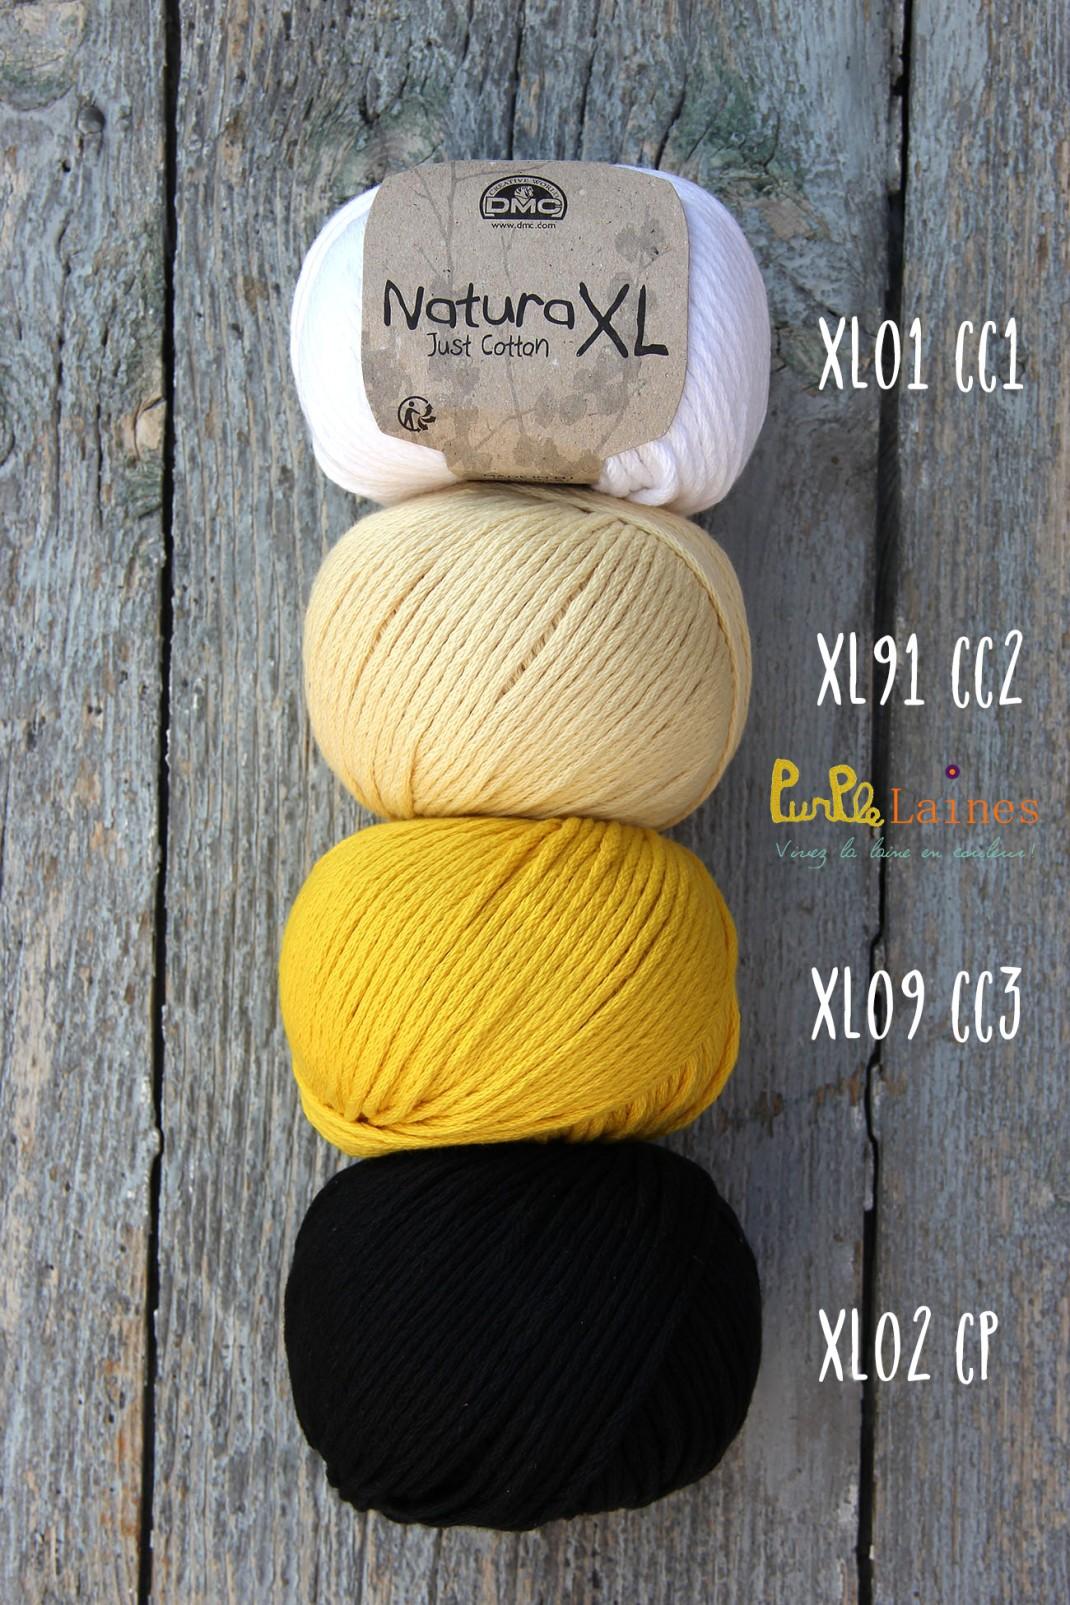 Palette Natura XL Purple Laines 6